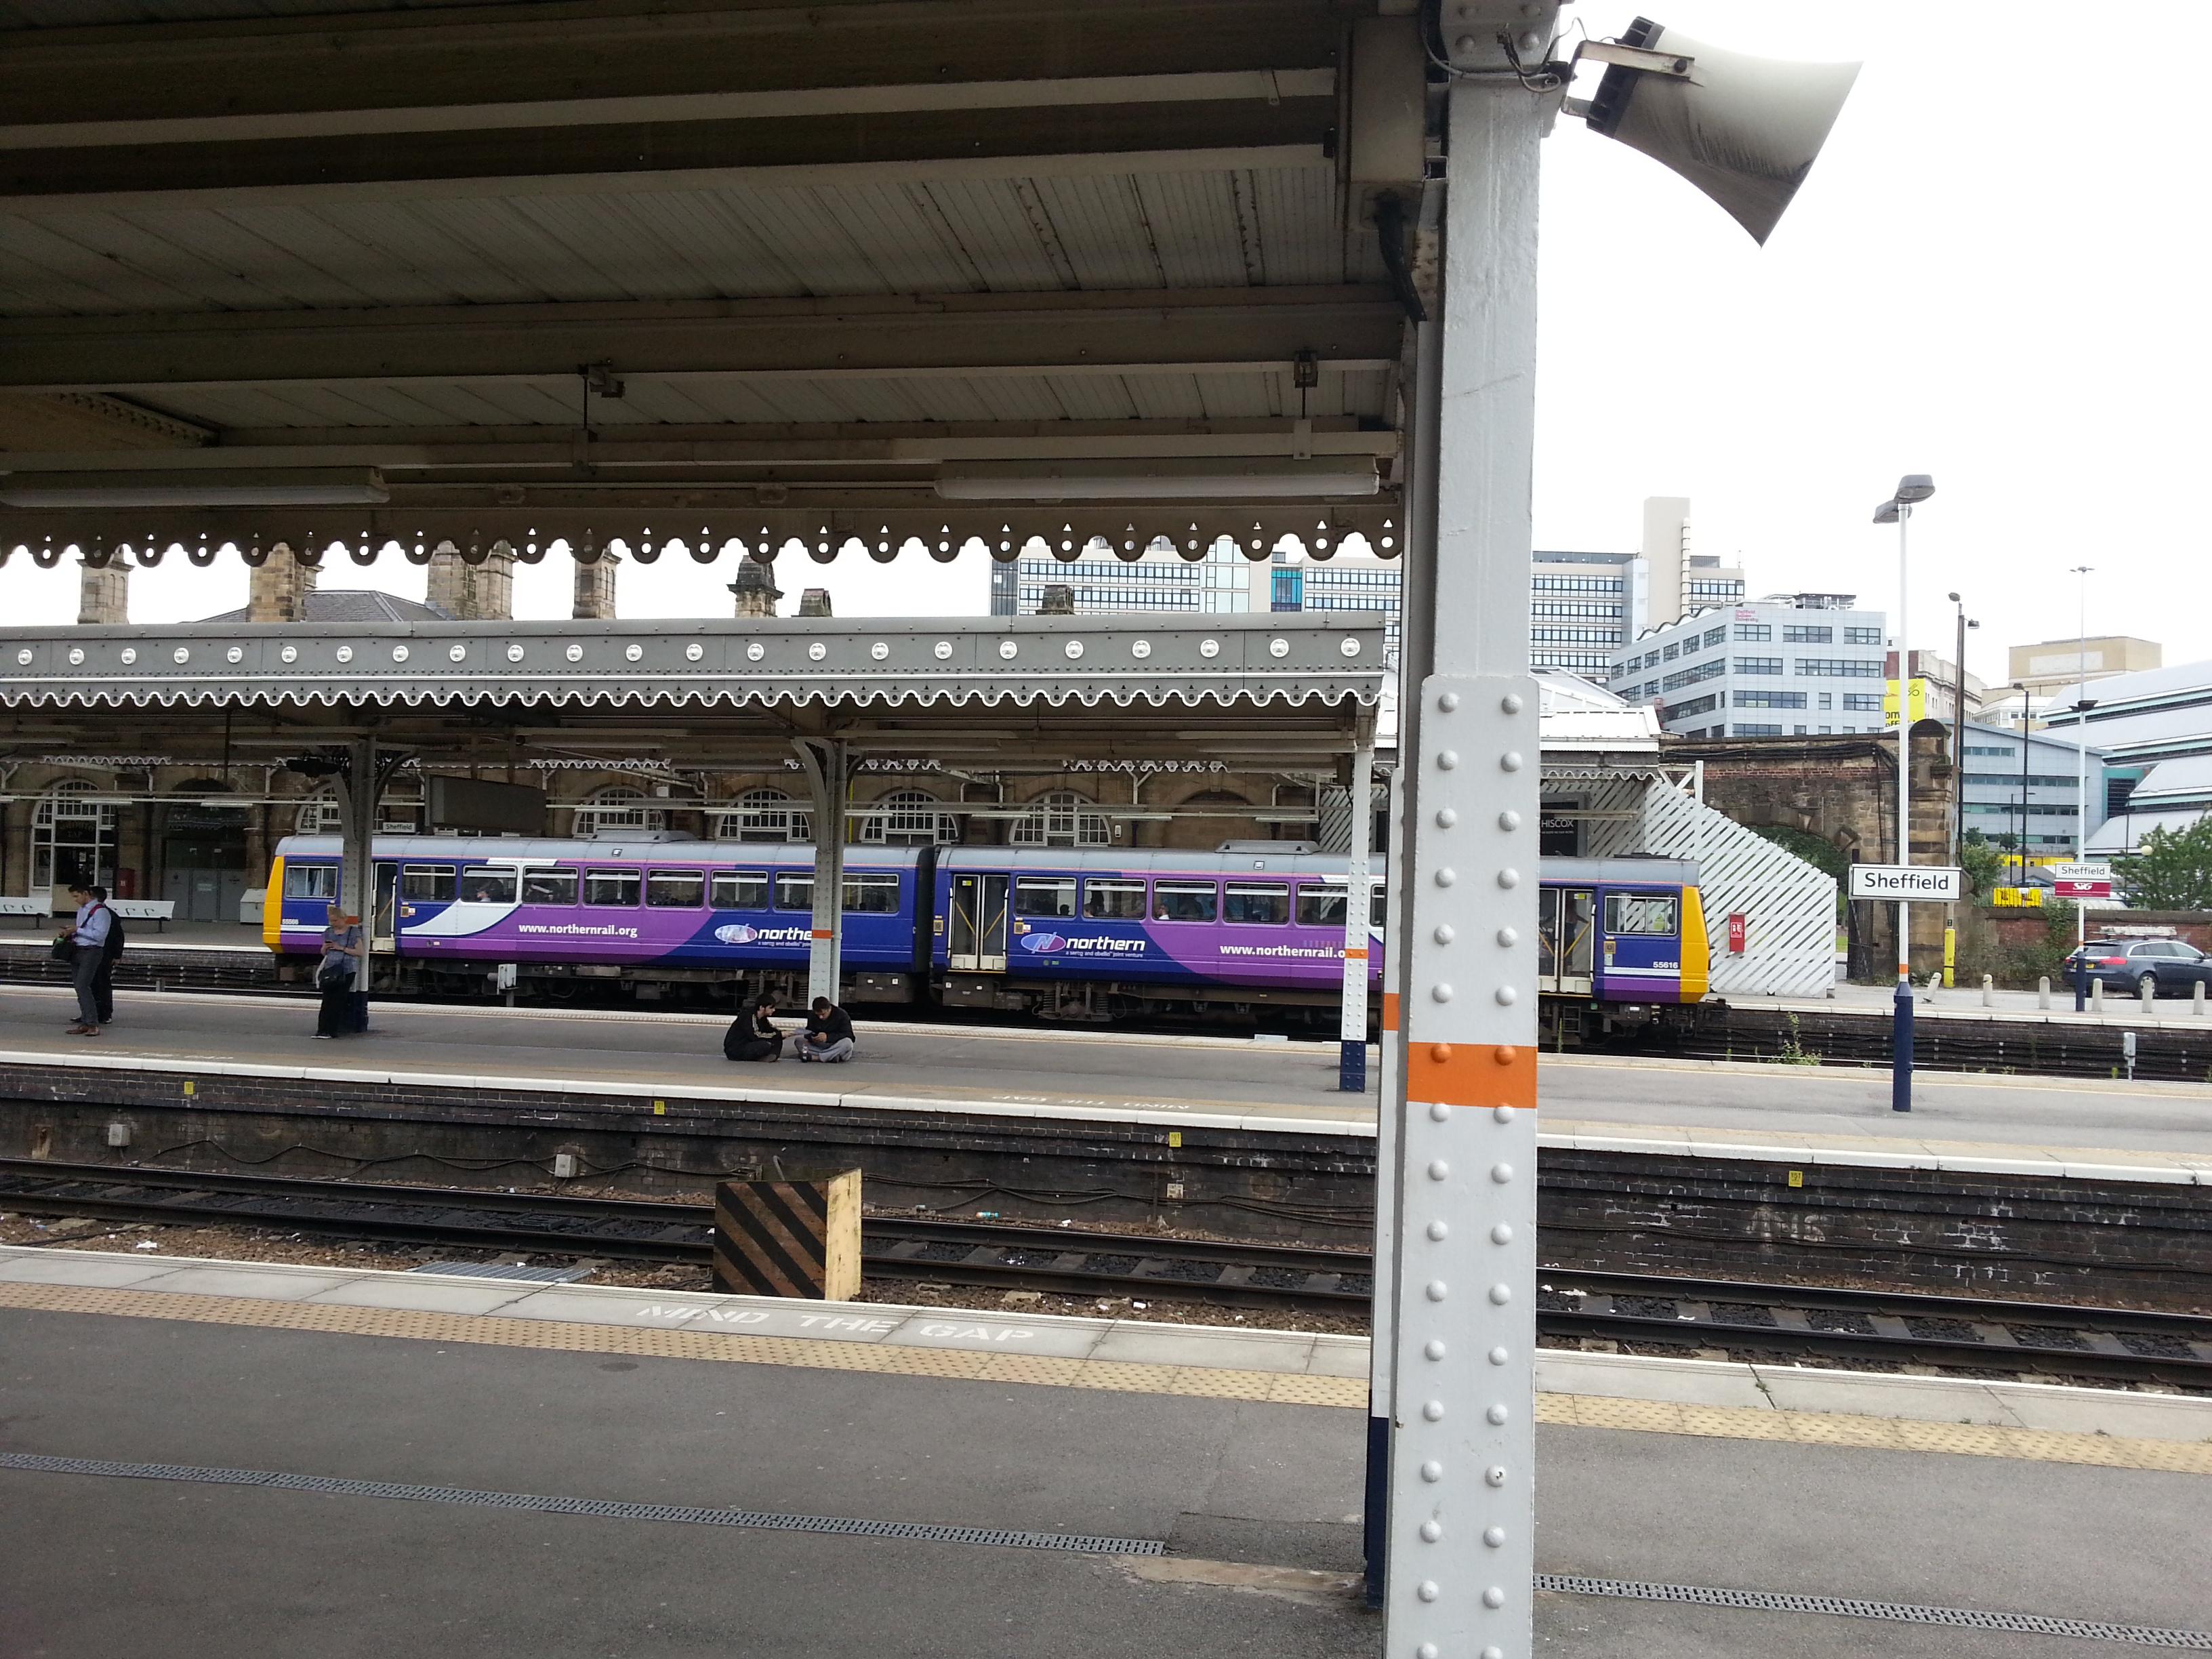 Вокзал Шеффилда с поездами East Midlands